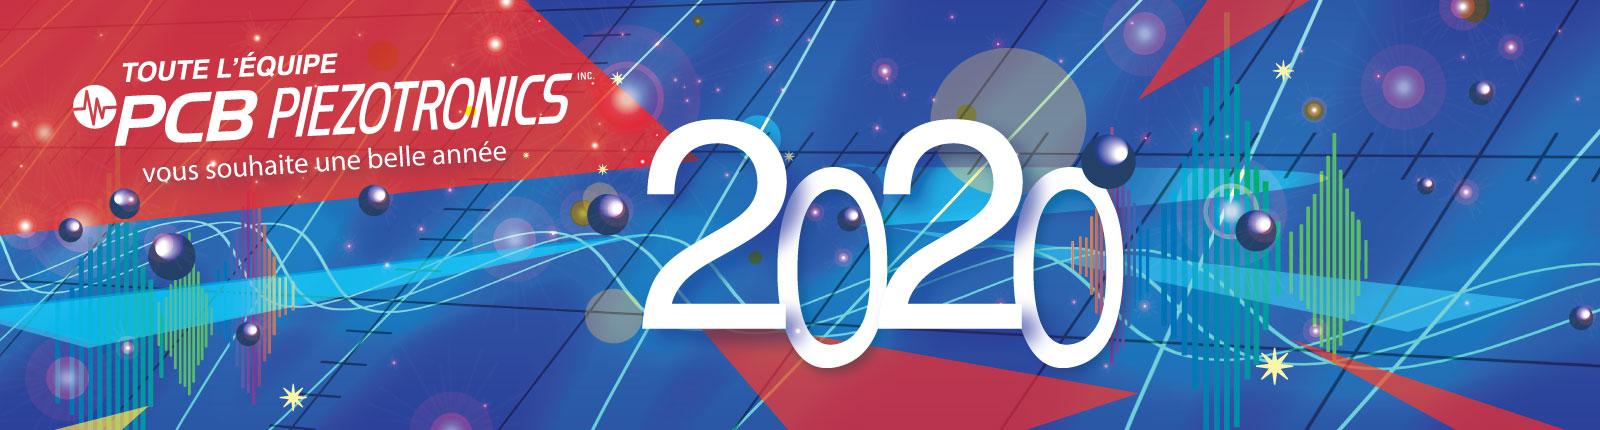 Bonne année 2020 avec PCB Piezotronics